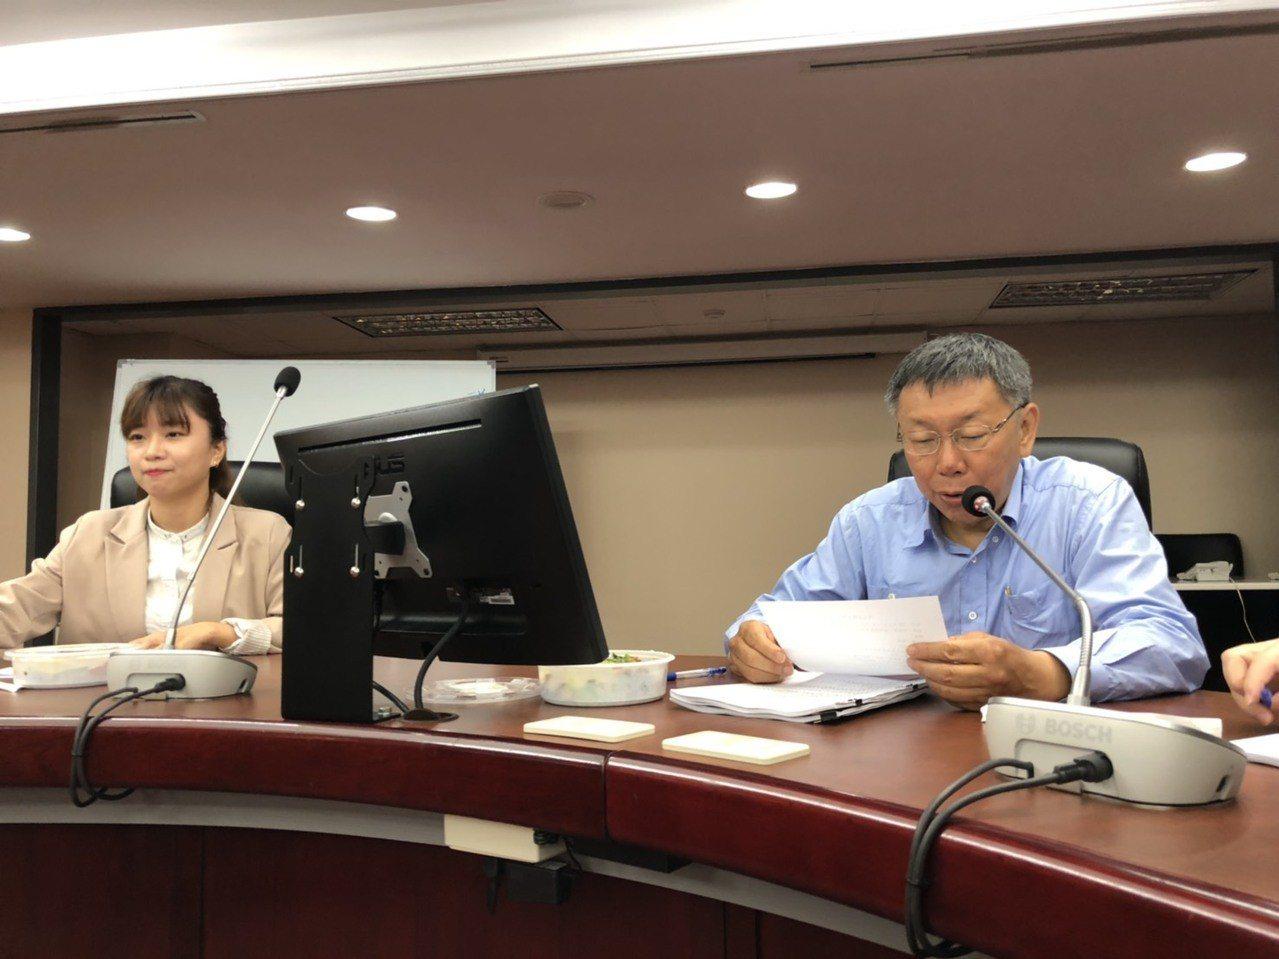 台北市長柯文哲中午前往市議會拜會時代力量黨團,由於柯文哲日前坦言遭「邊緣化」,拜...